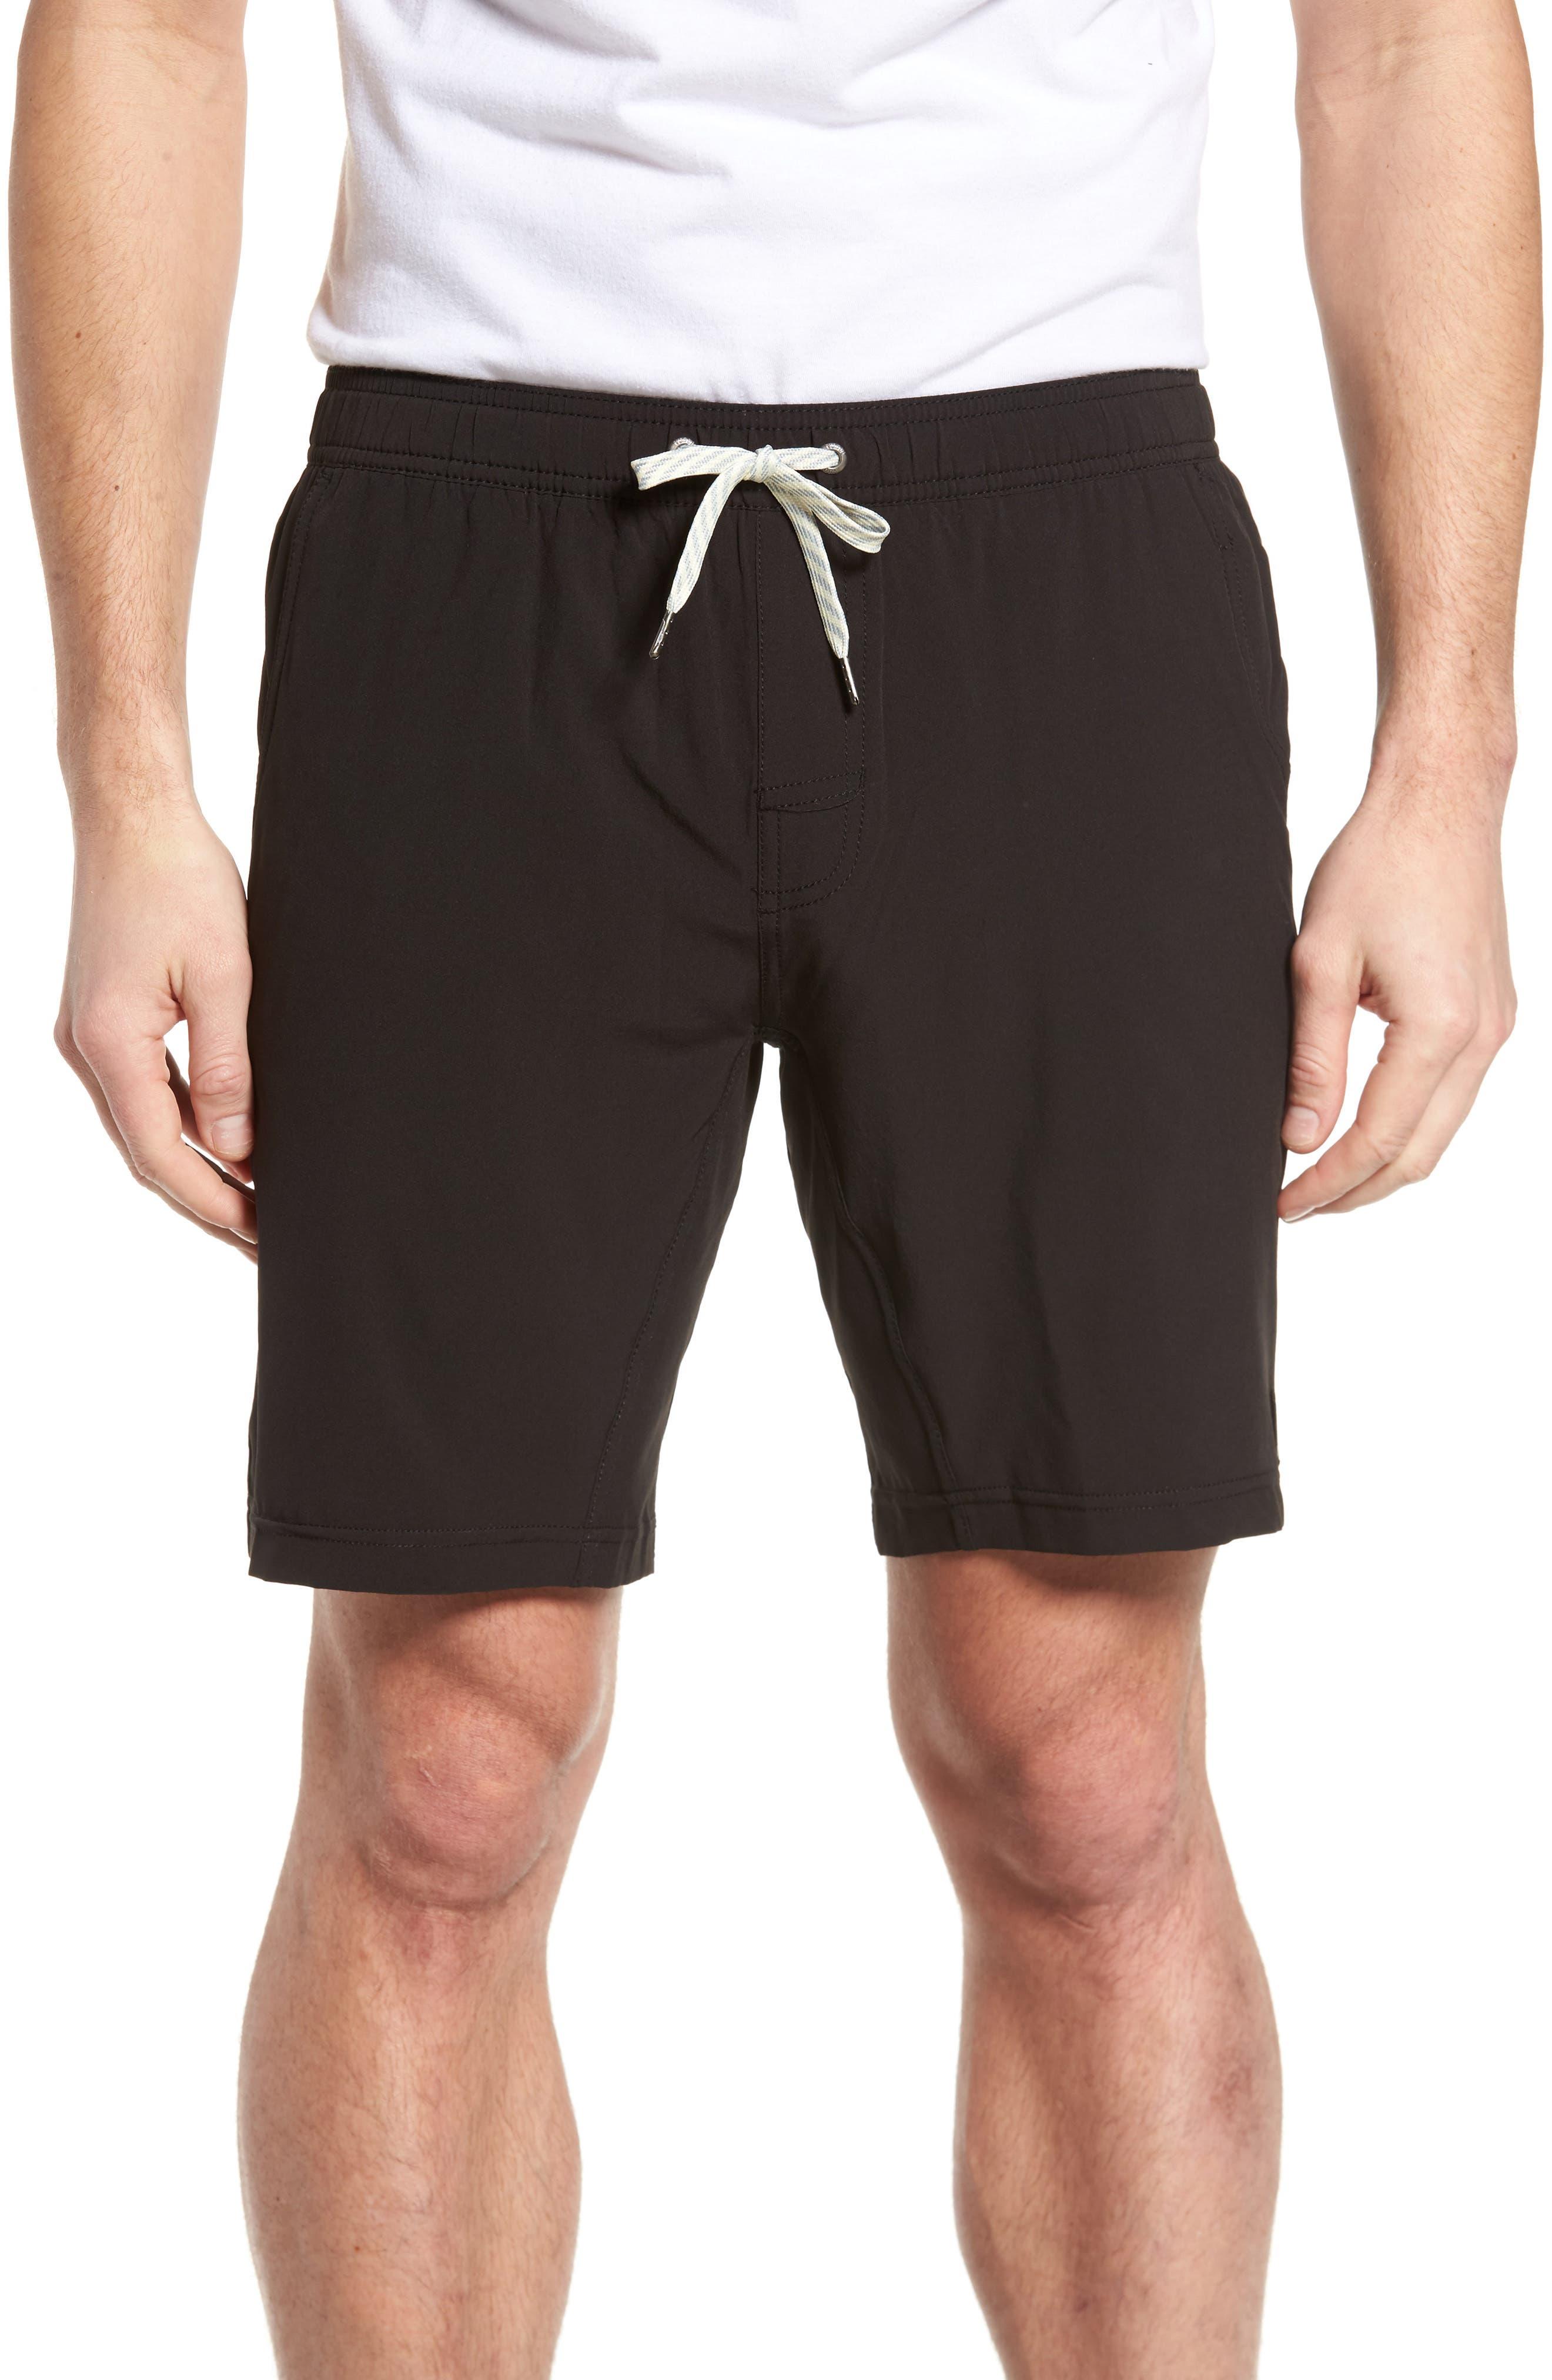 Kore Shorts,                         Main,                         color, 001